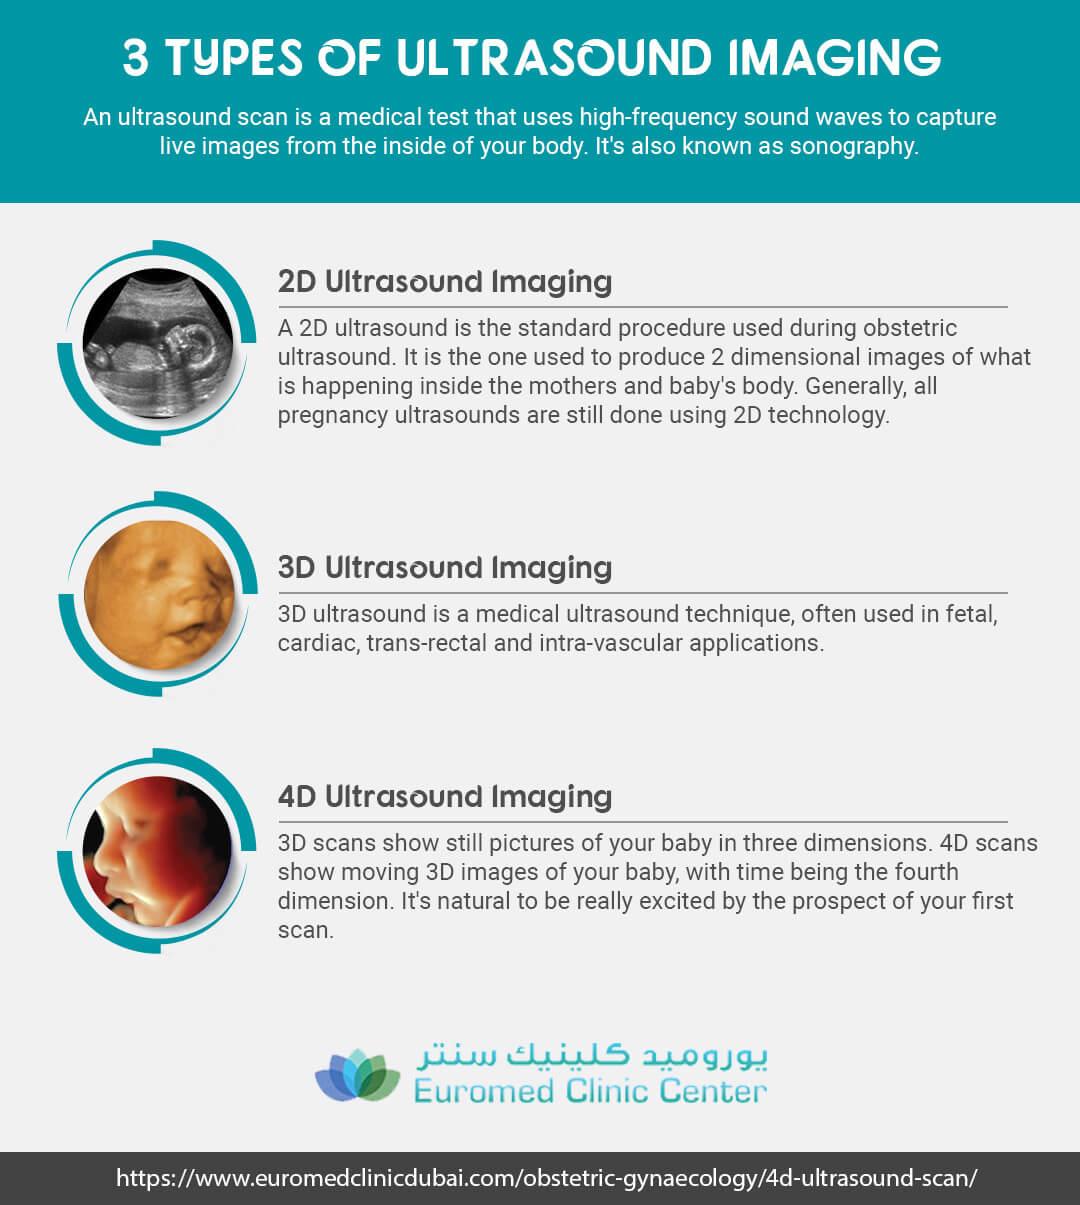 2D, 3D and 4D Ultrasound